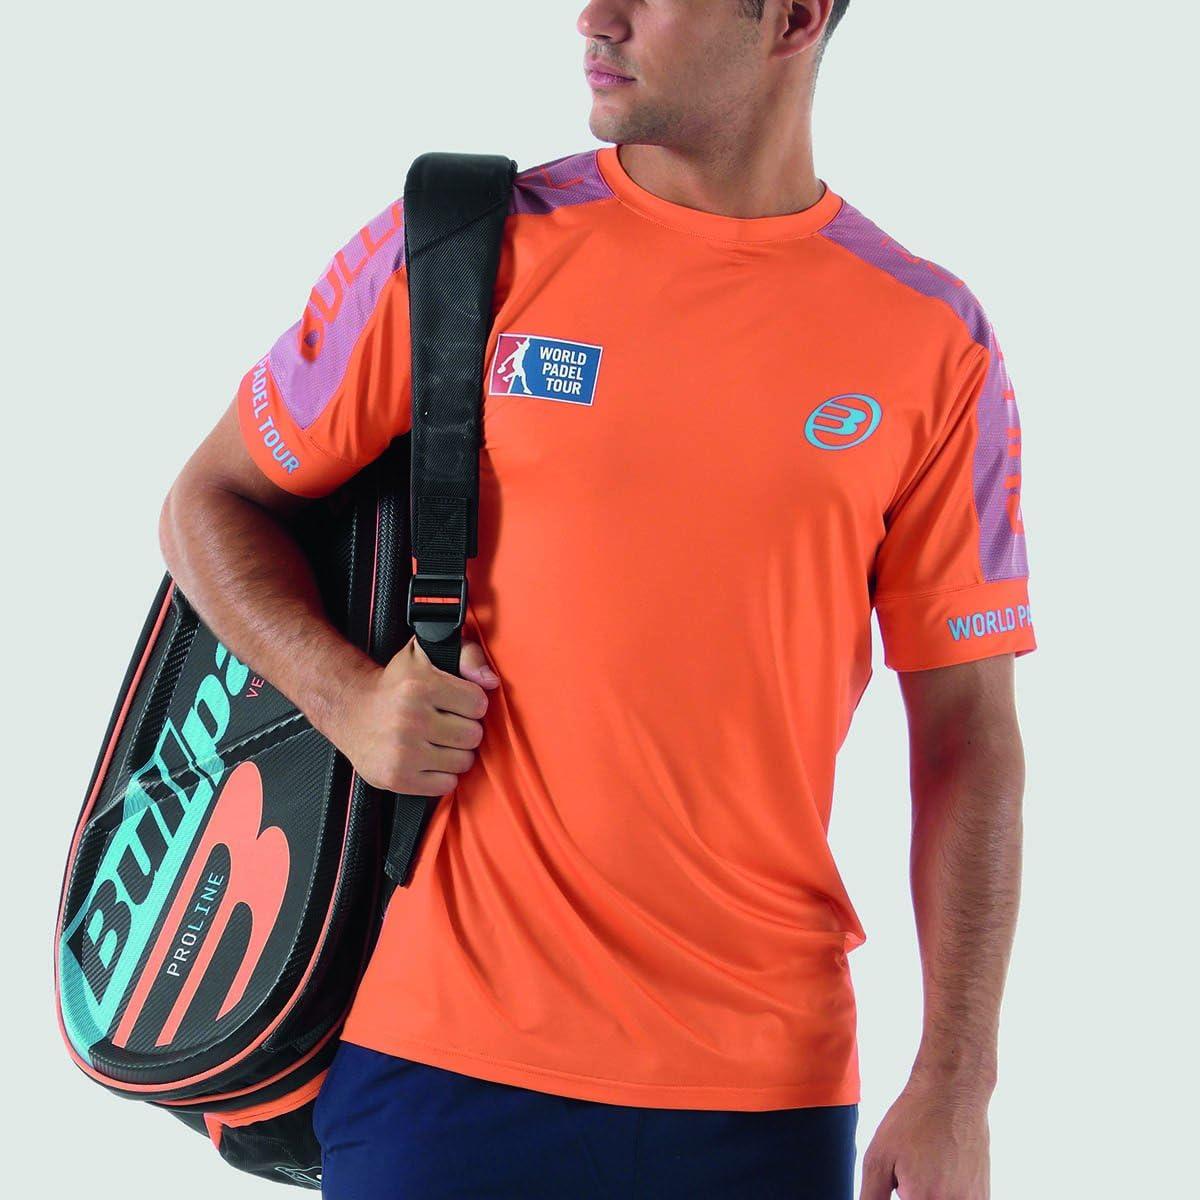 Camiseta hombre padel Chia (L): Amazon.es: Deportes y aire libre